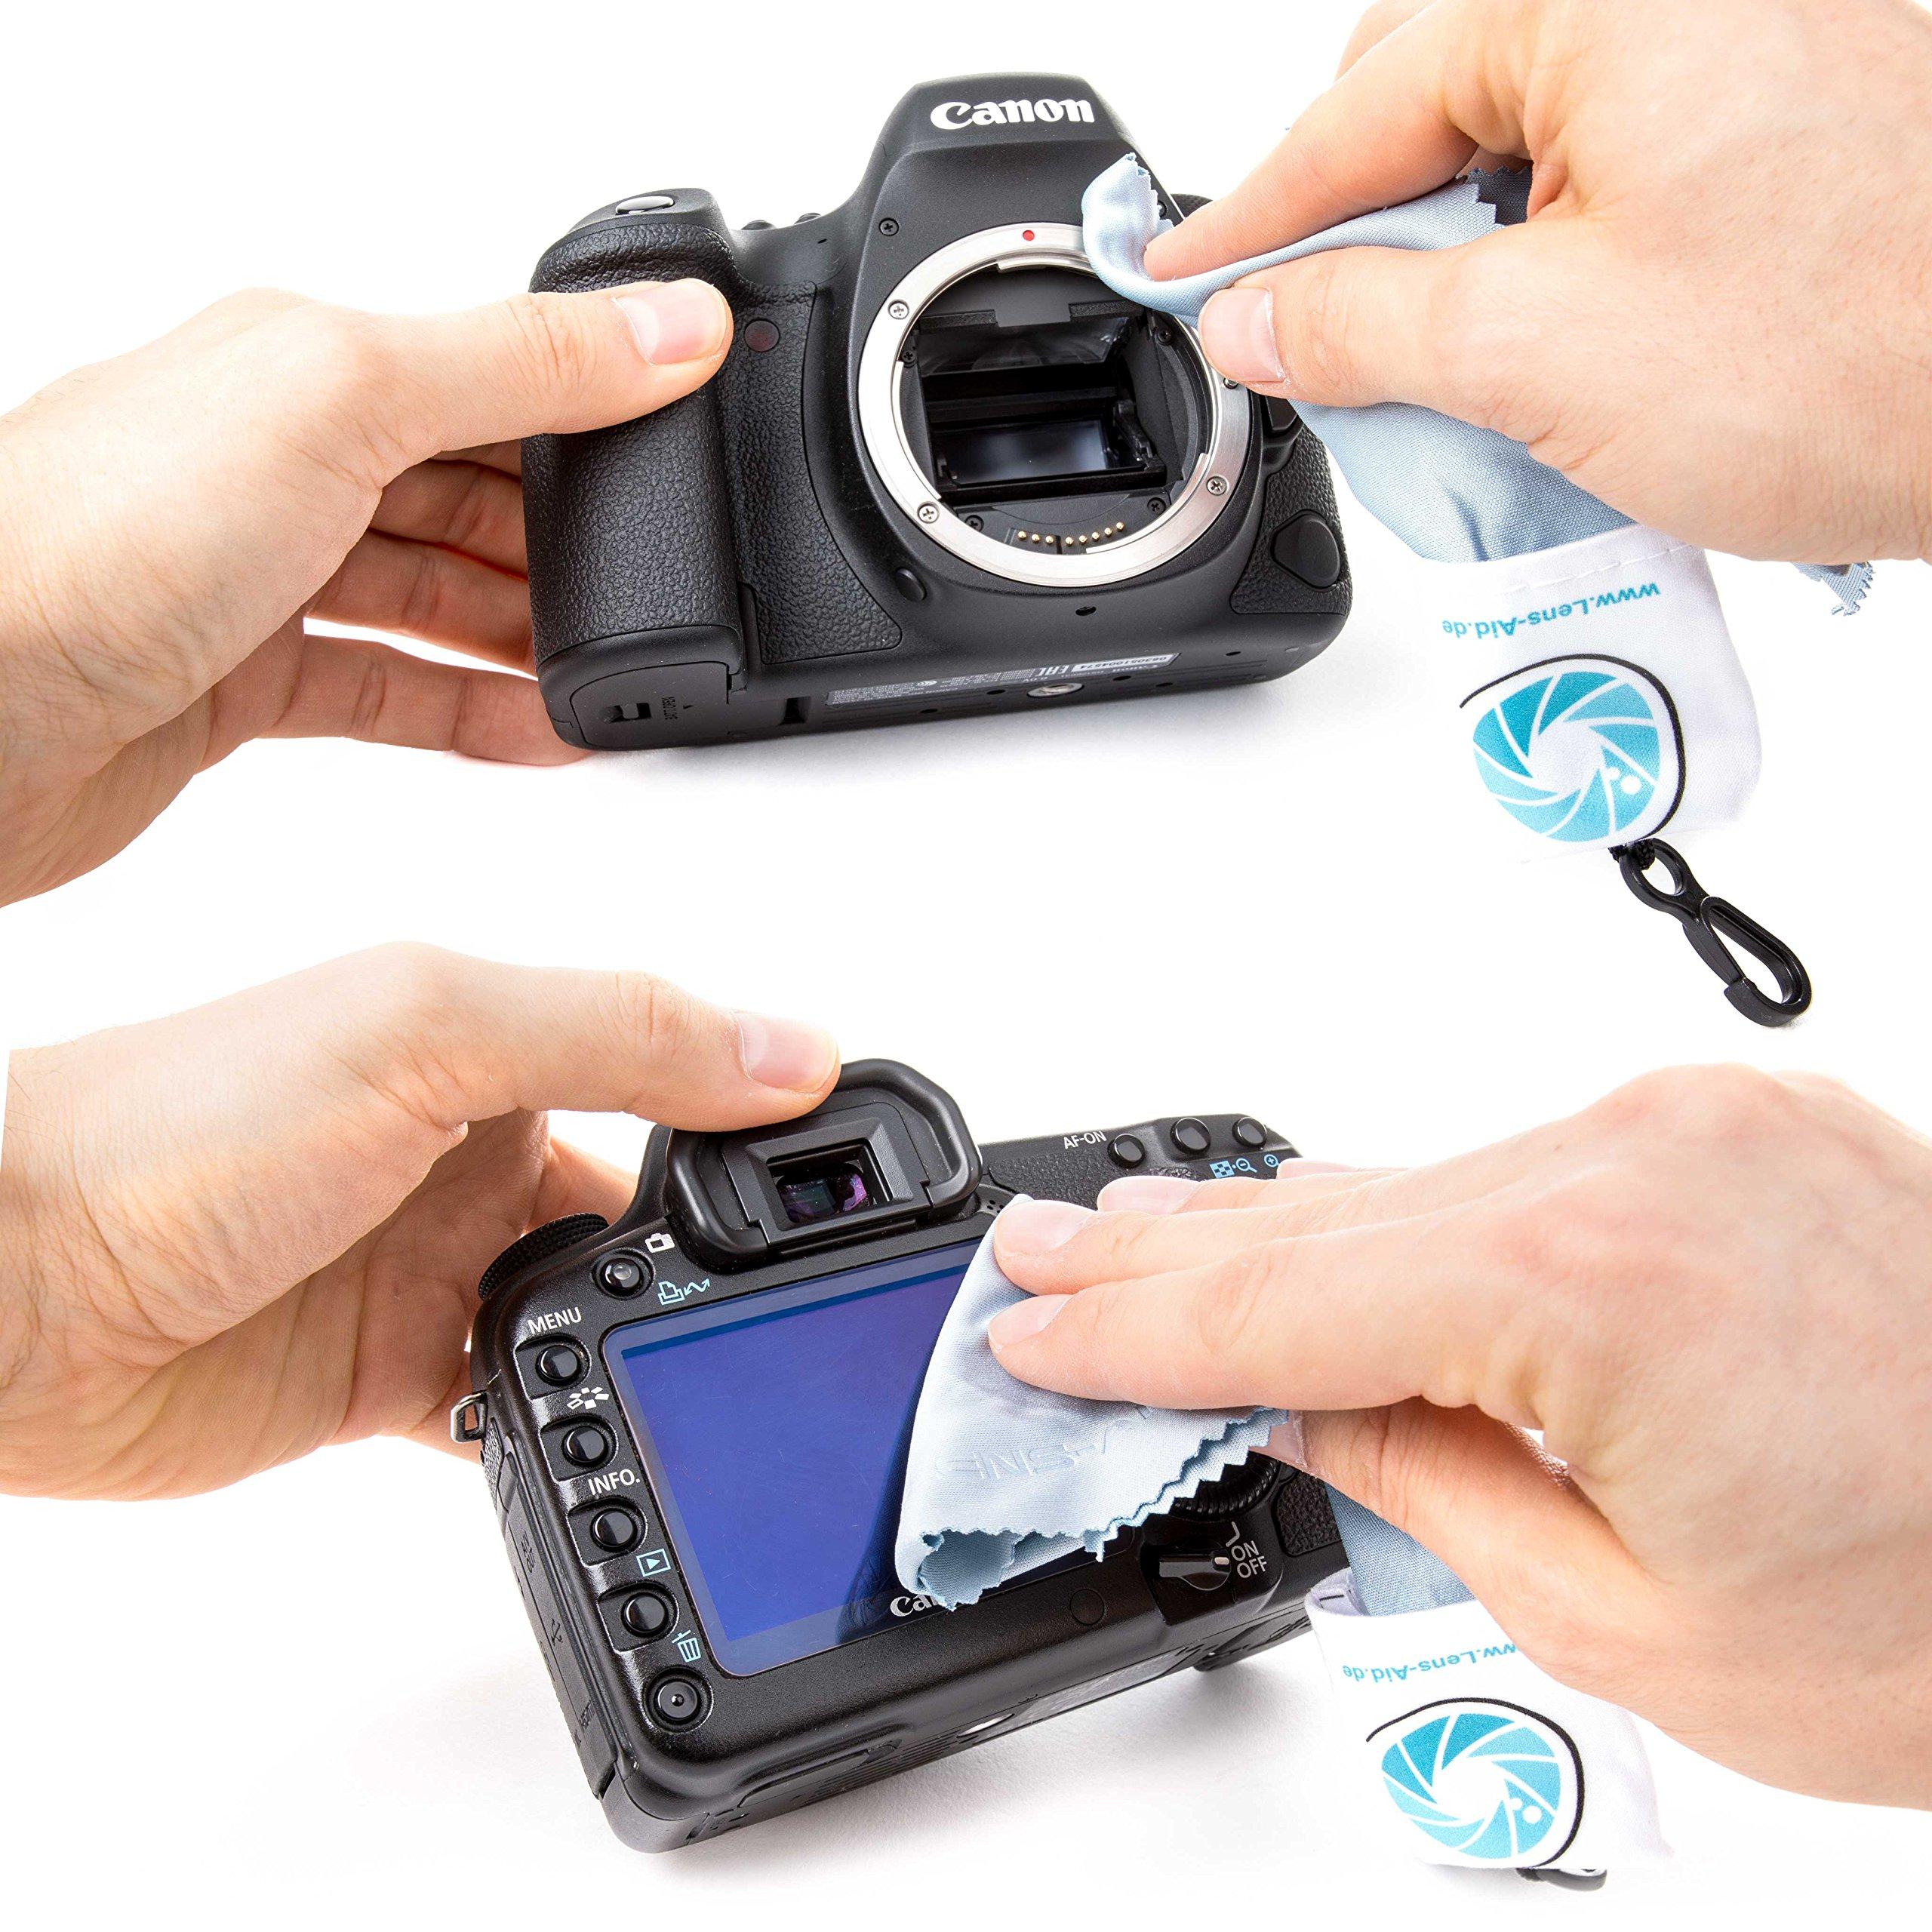 Mikrofaser Reinigungstuch mit Aufbewahrungsbeutel und Karabiner von Lens-Aid: Für Kamera, Objektiv, Display, Notebook, Smartphone und als Brillen-Putztuch zur Reinigung (1x Mikrofasertuch)